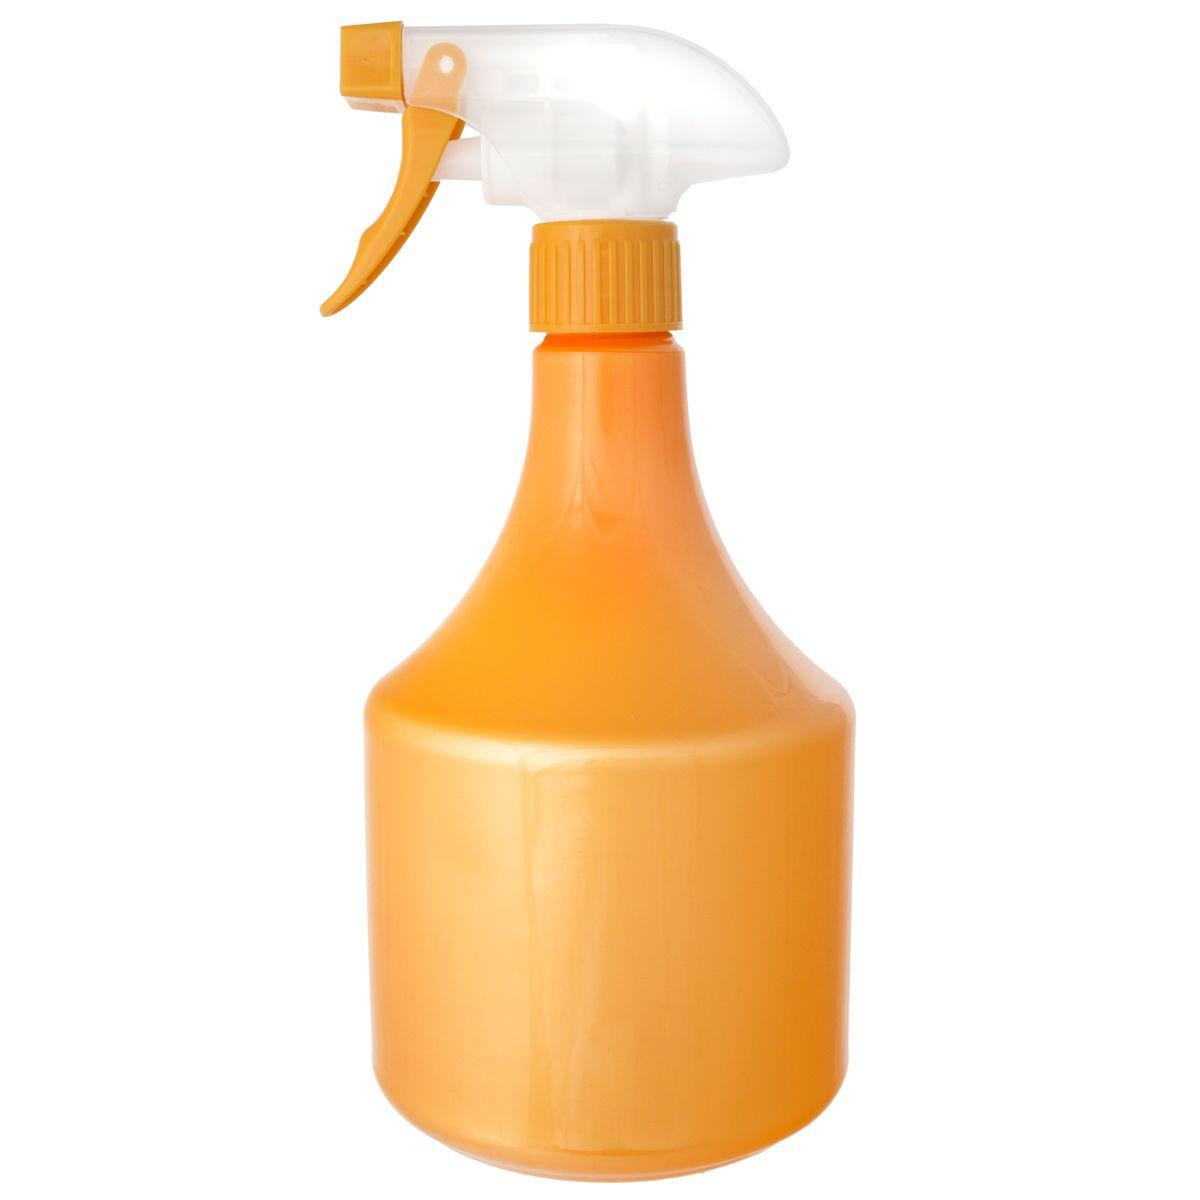 Опрыскиватель Изумруд, цвет: перламутровый оранжевый, 0,5 лZ-0307Опрыскиватель перламутровый оранжевый 0,5л 4004